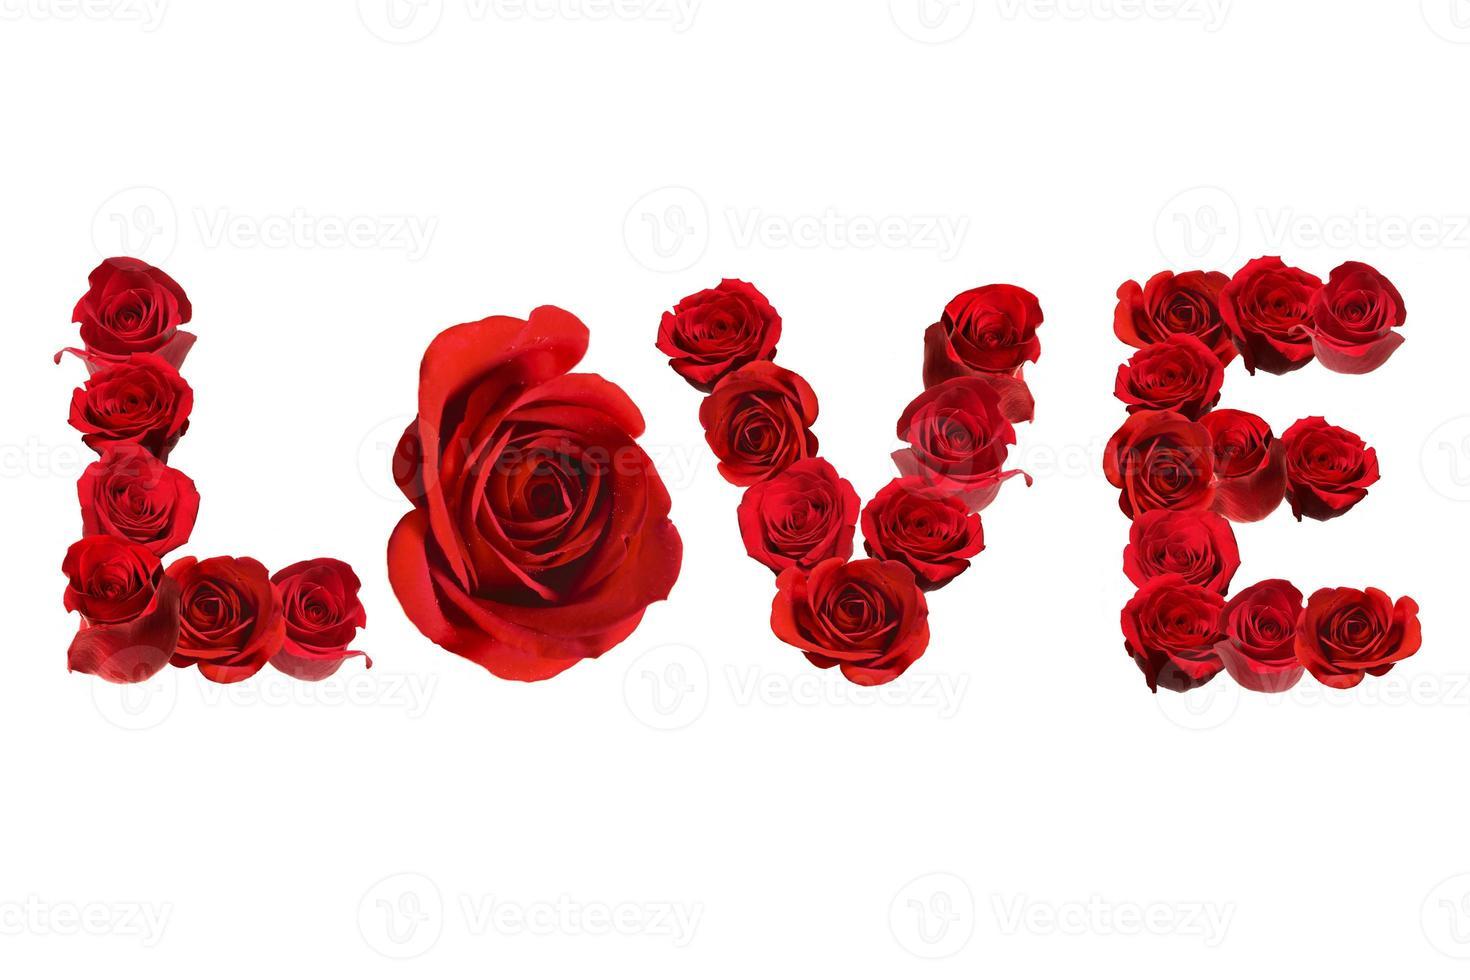 kärlek stavad med isolerade röda rosor på vitt foto